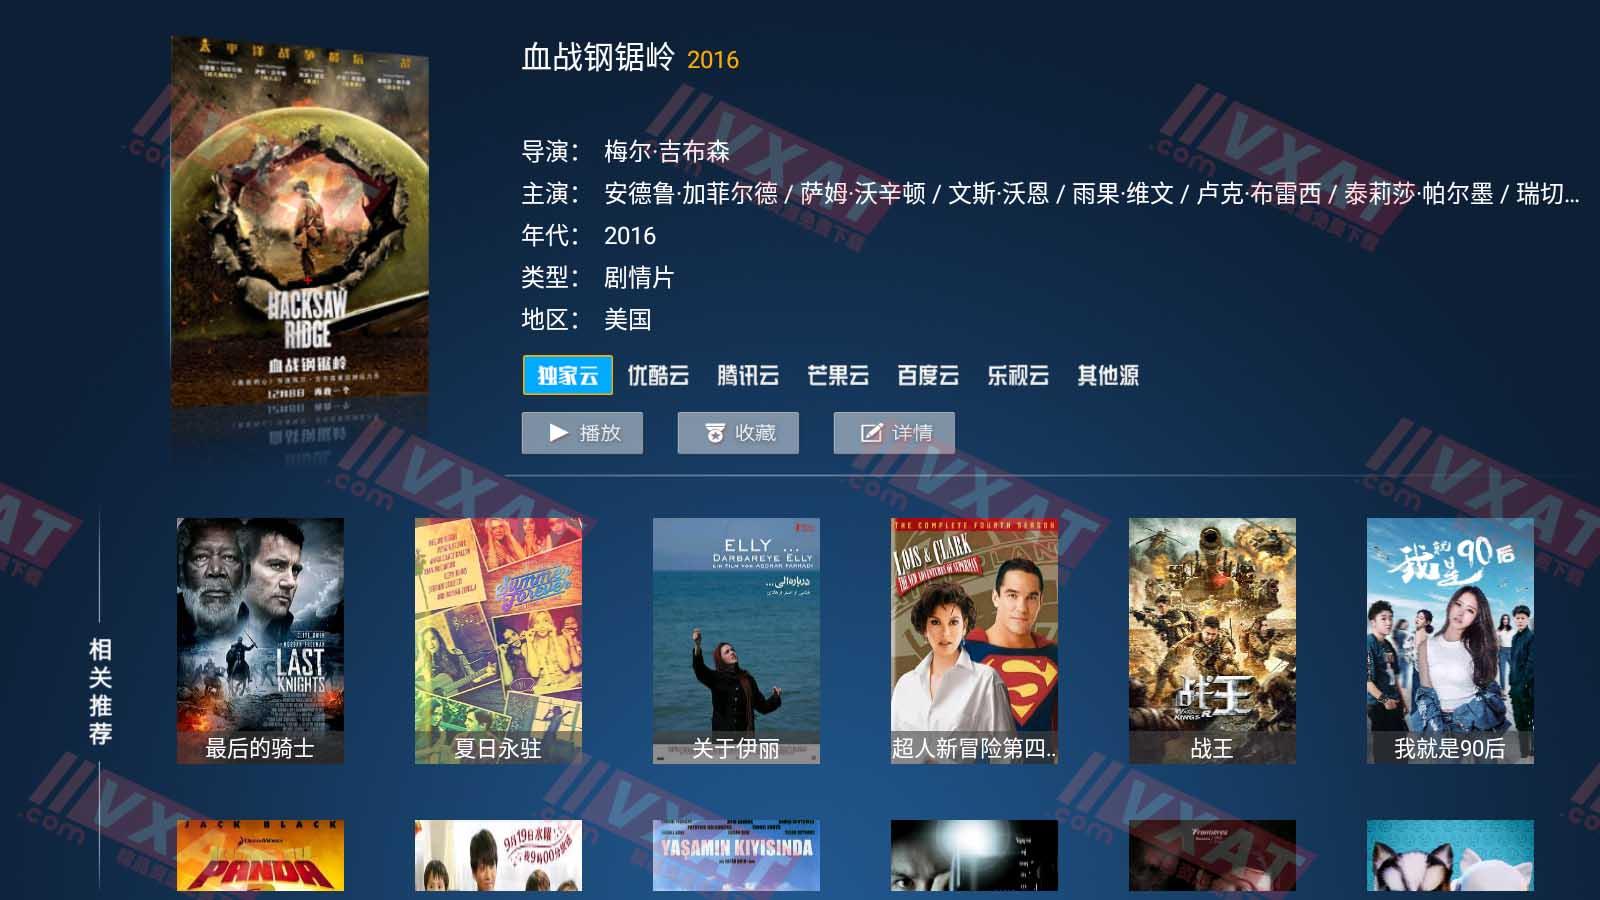 片库TV_v3.0.4 电视破解版 第2张